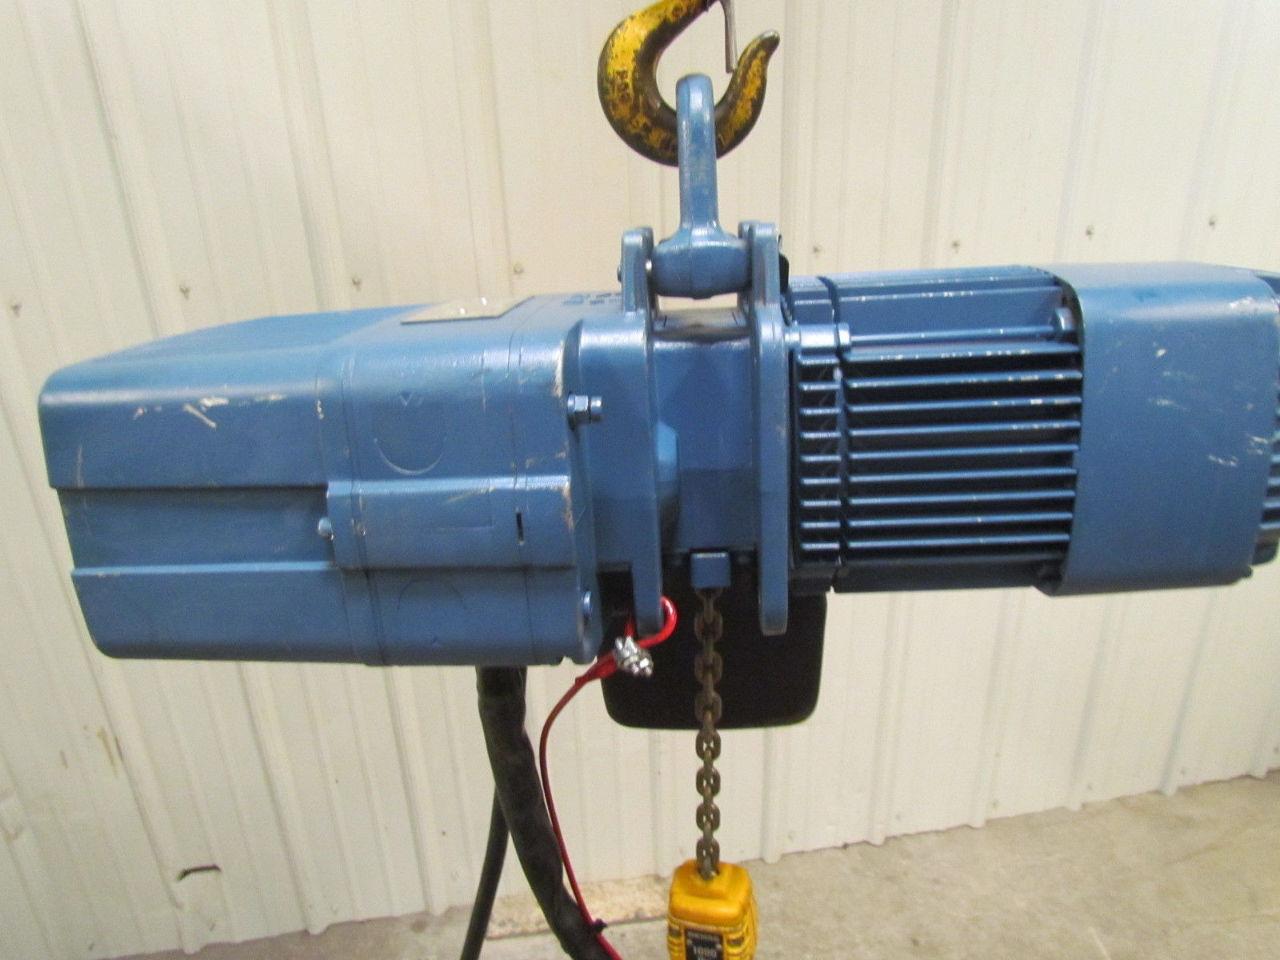 hight resolution of demag dkun hoist wiring diagram electric hoist demag demag electric hoist bbl rh